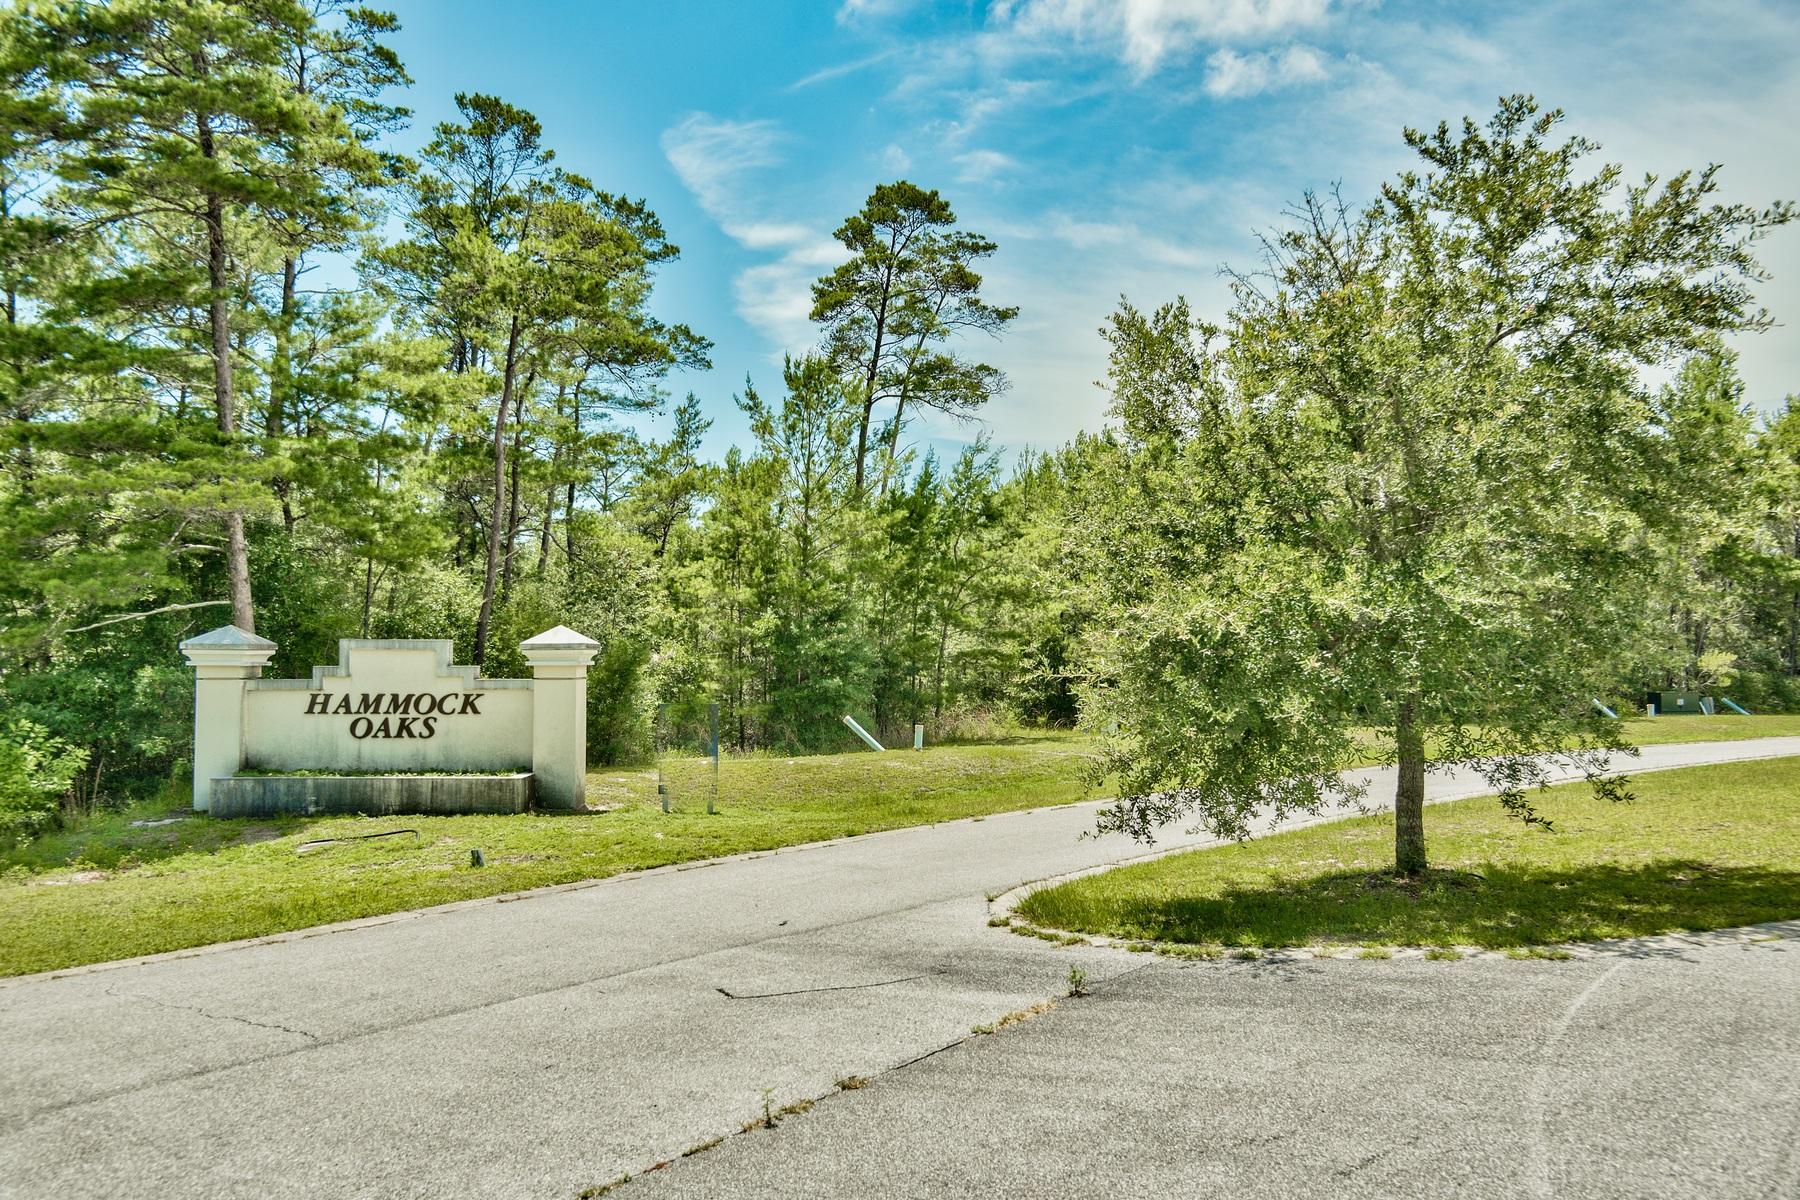 토지 용 매매 에 26 LOT DEVELOPMENT OPPORTUNITY FOR INVESTORS IN FREEPORT Hammock Oaks Blvd Freeport, 플로리다, 32439 미국